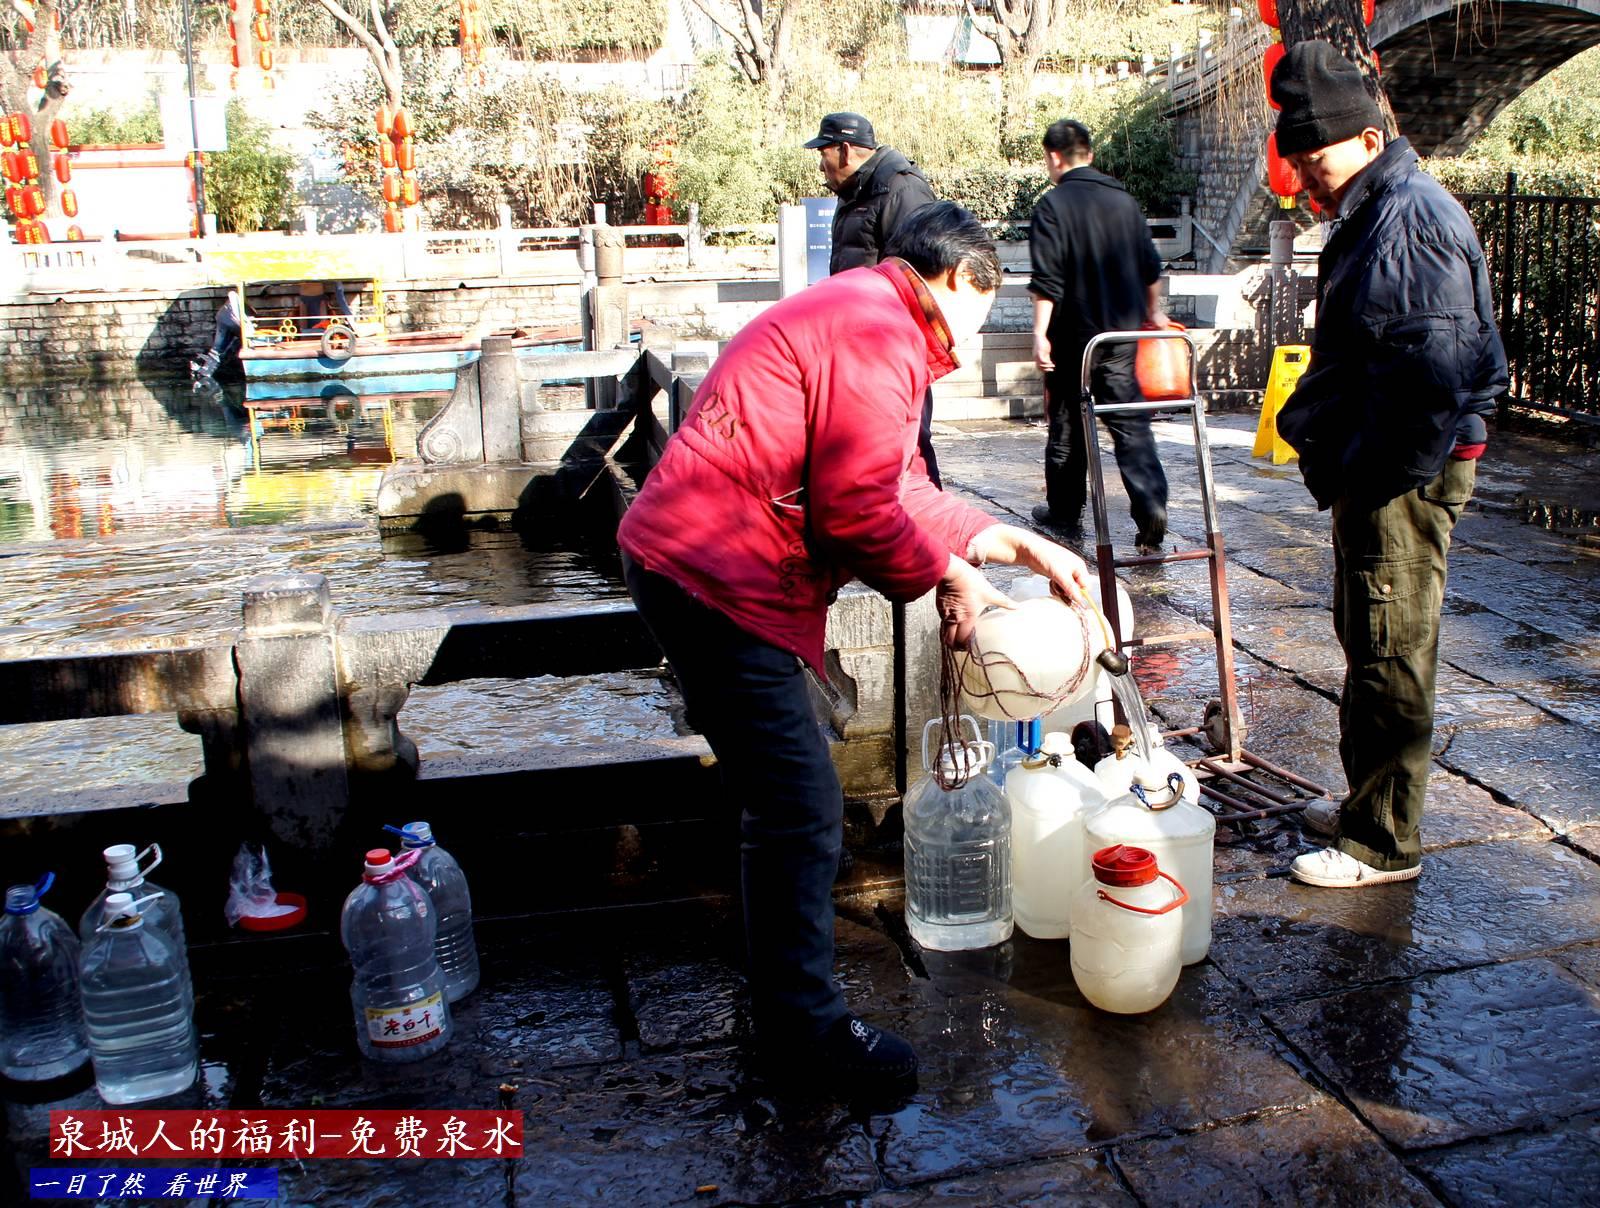 2016-02-06-泉城广场-免费泉水-16-1600.jpg